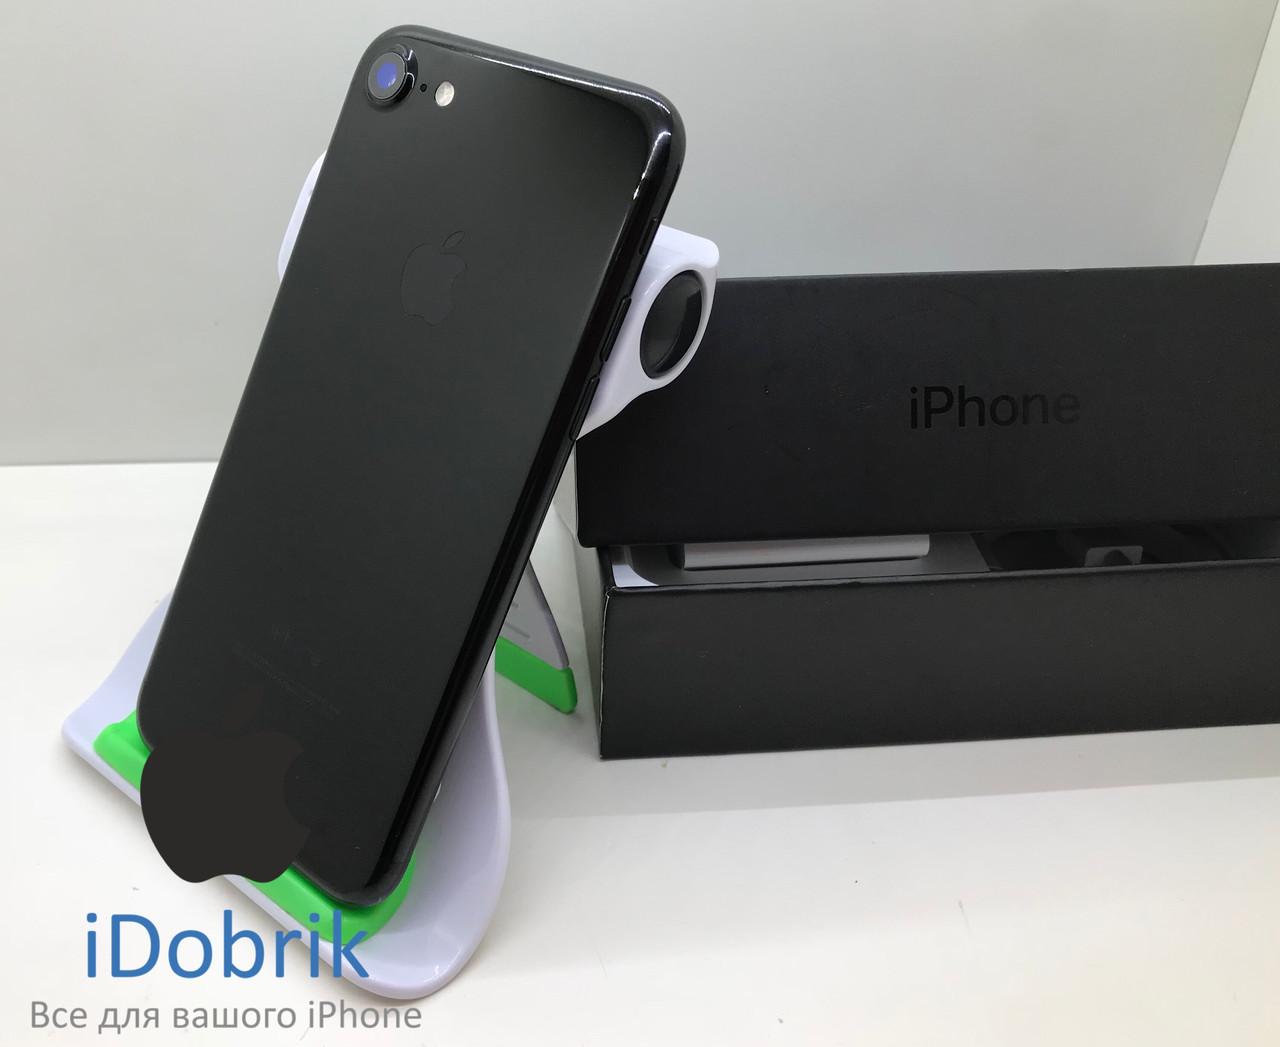 Телефон Apple iPhone 7 128gb Jet Black Neverlock 10/10